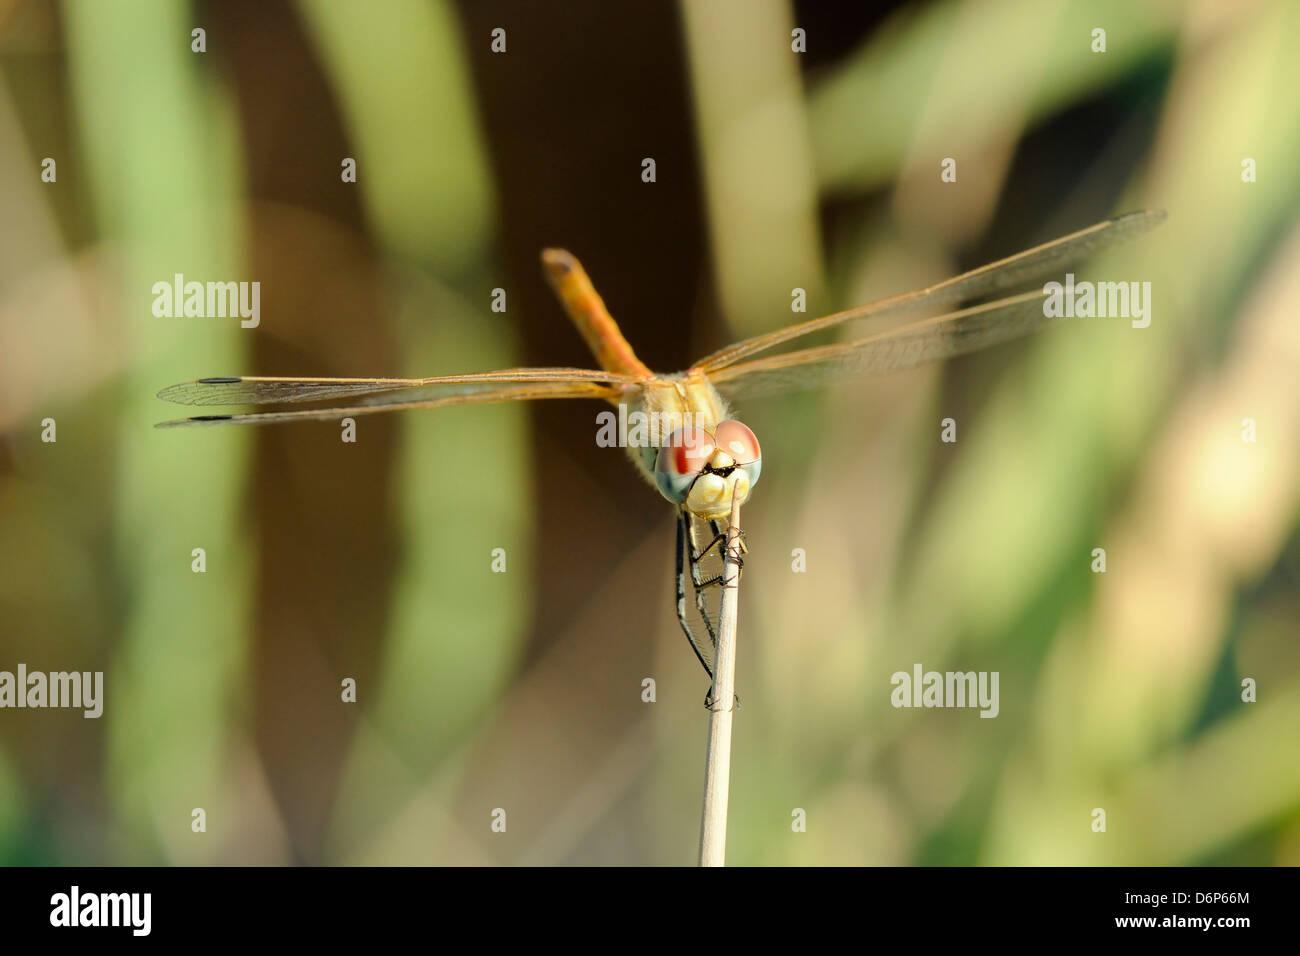 Weibliche rote geflügelte Darter Libelle (Sympetrum Fonscolombii) weiblich, umklammern stacheligen Stamm von Stockbild